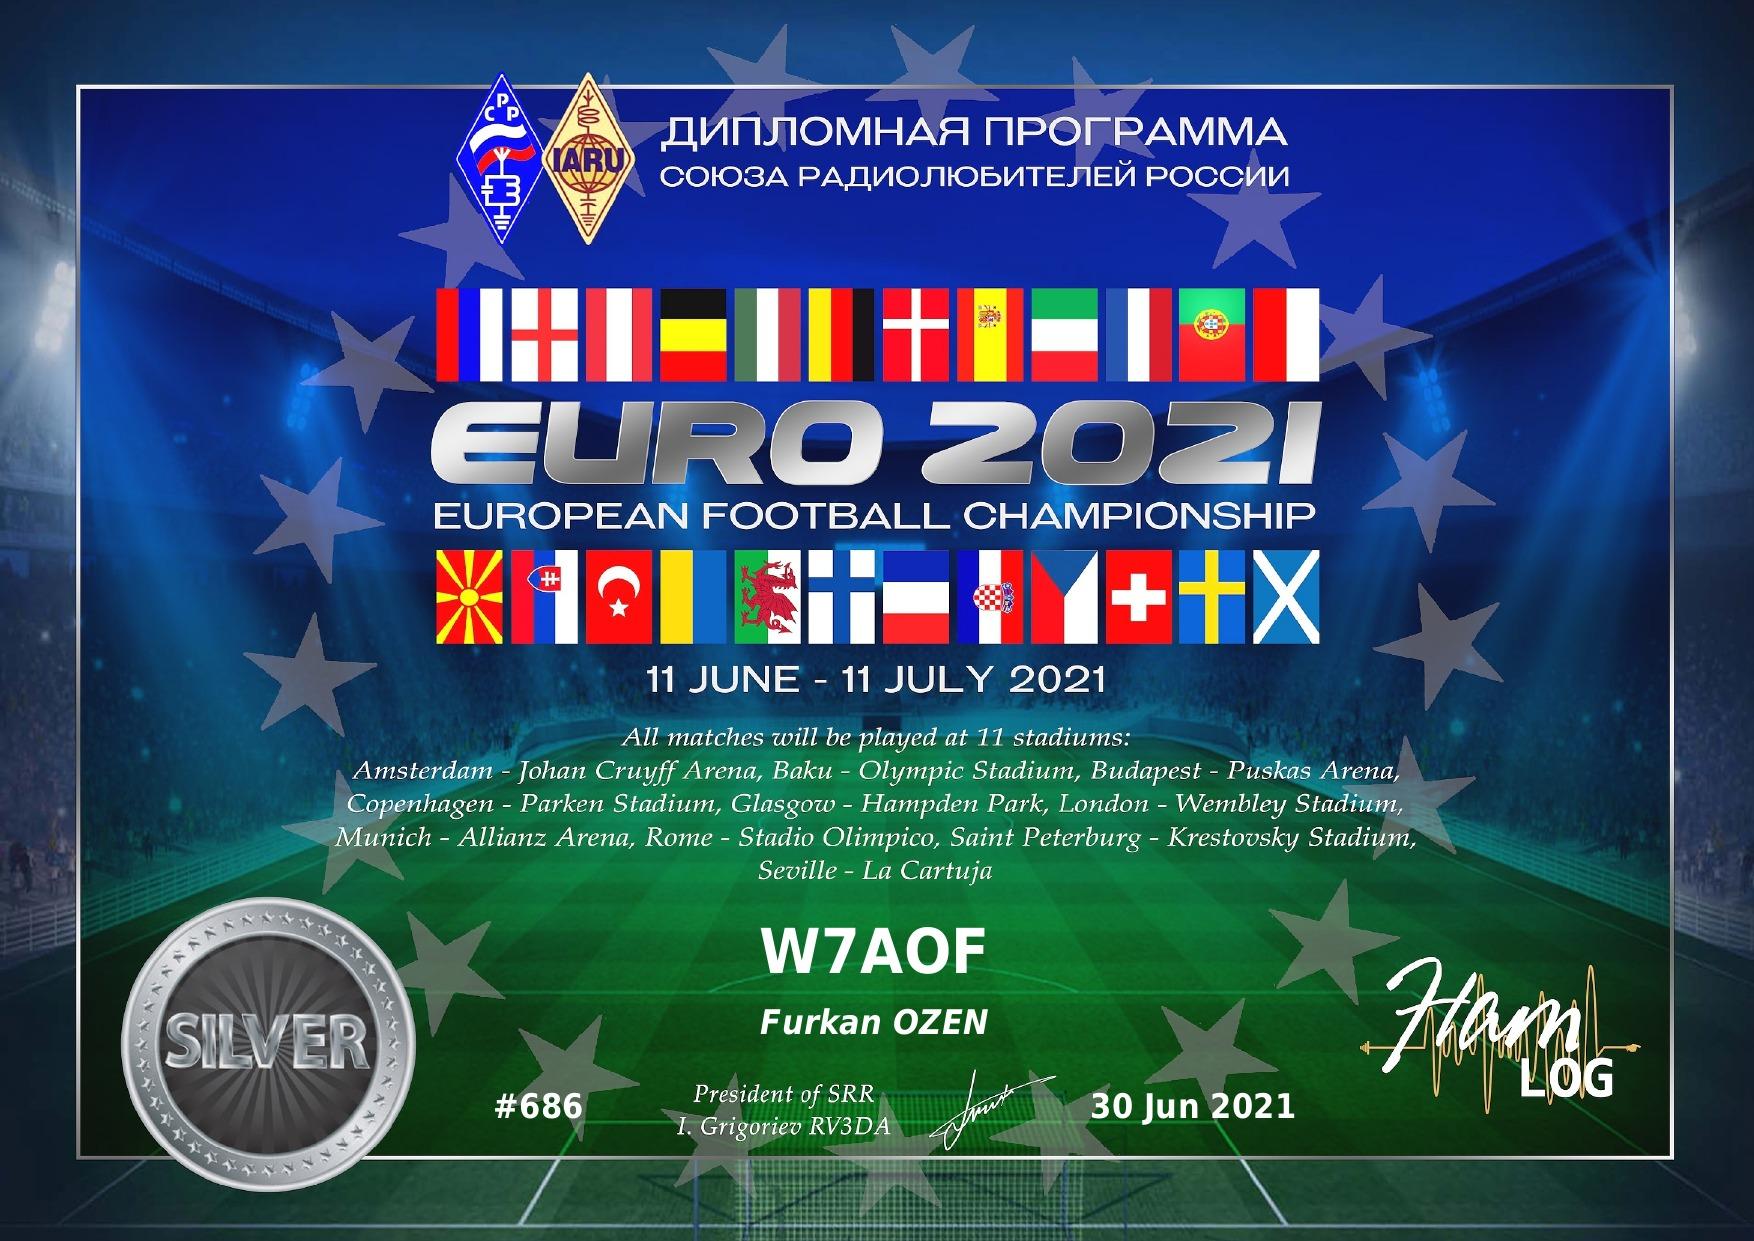 euro2021 award silver